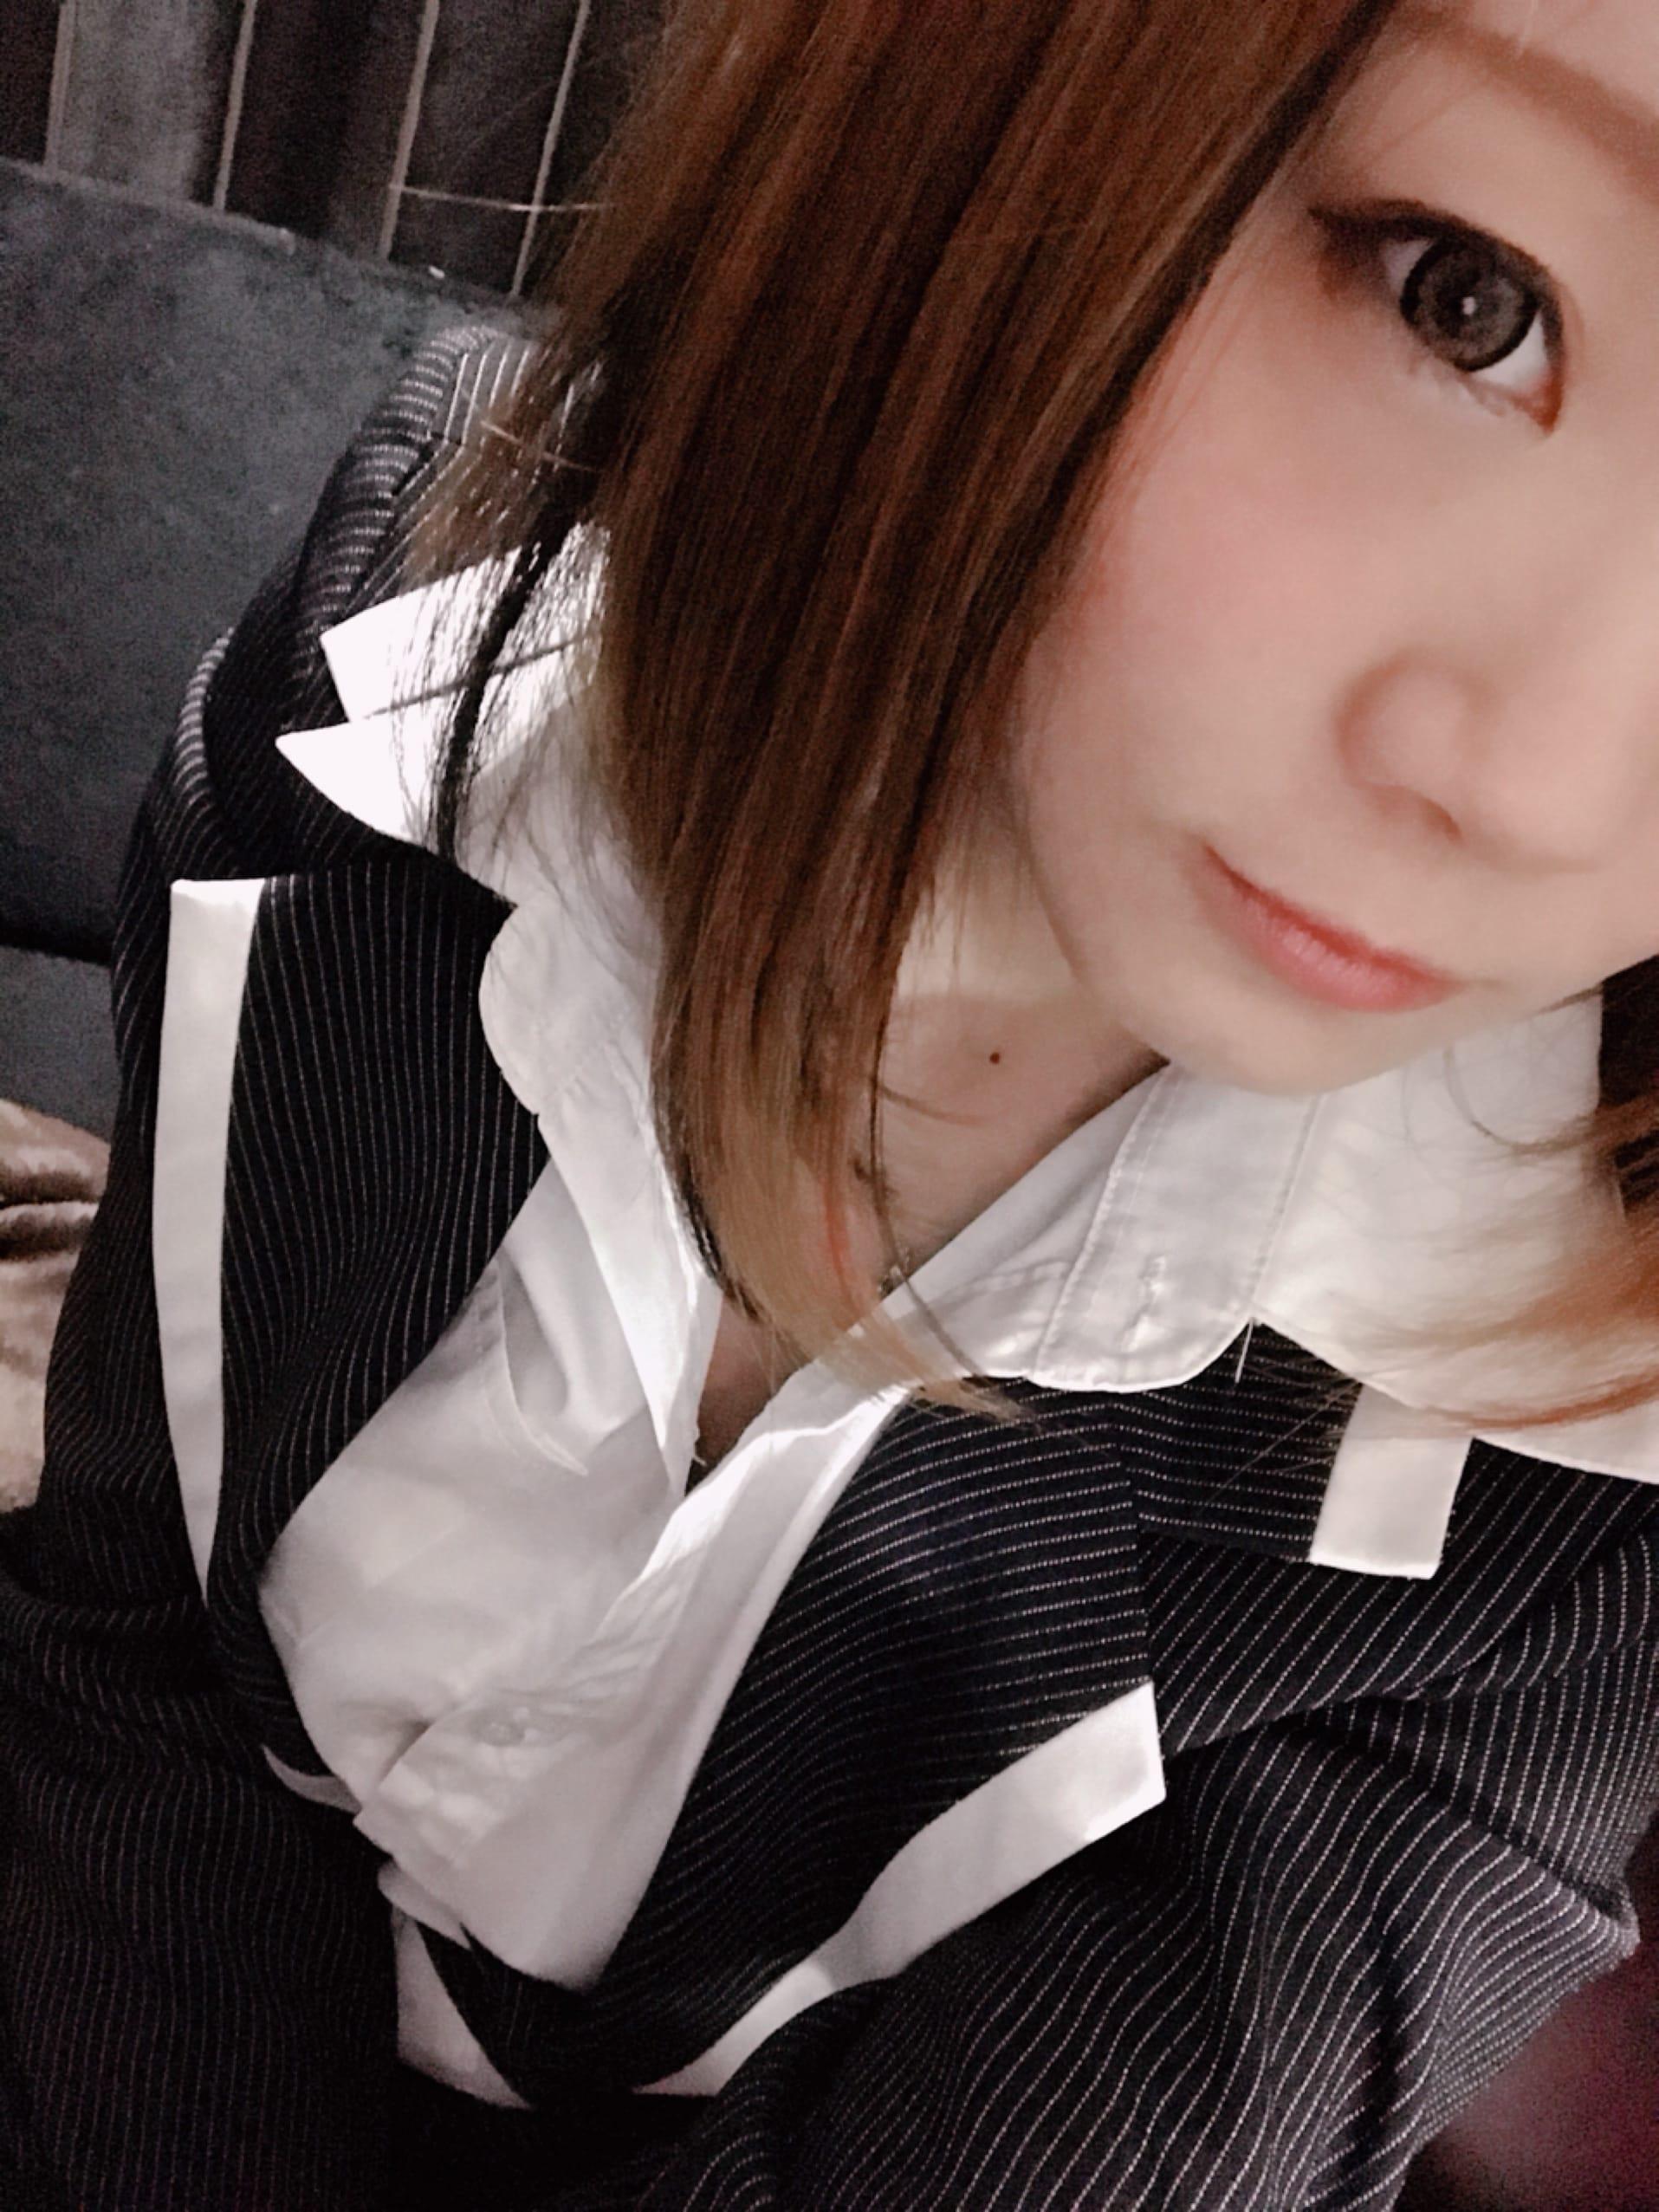 「おはよう♪♪」03/14(03/14) 11:04 | 里見 ゆのの写メ・風俗動画